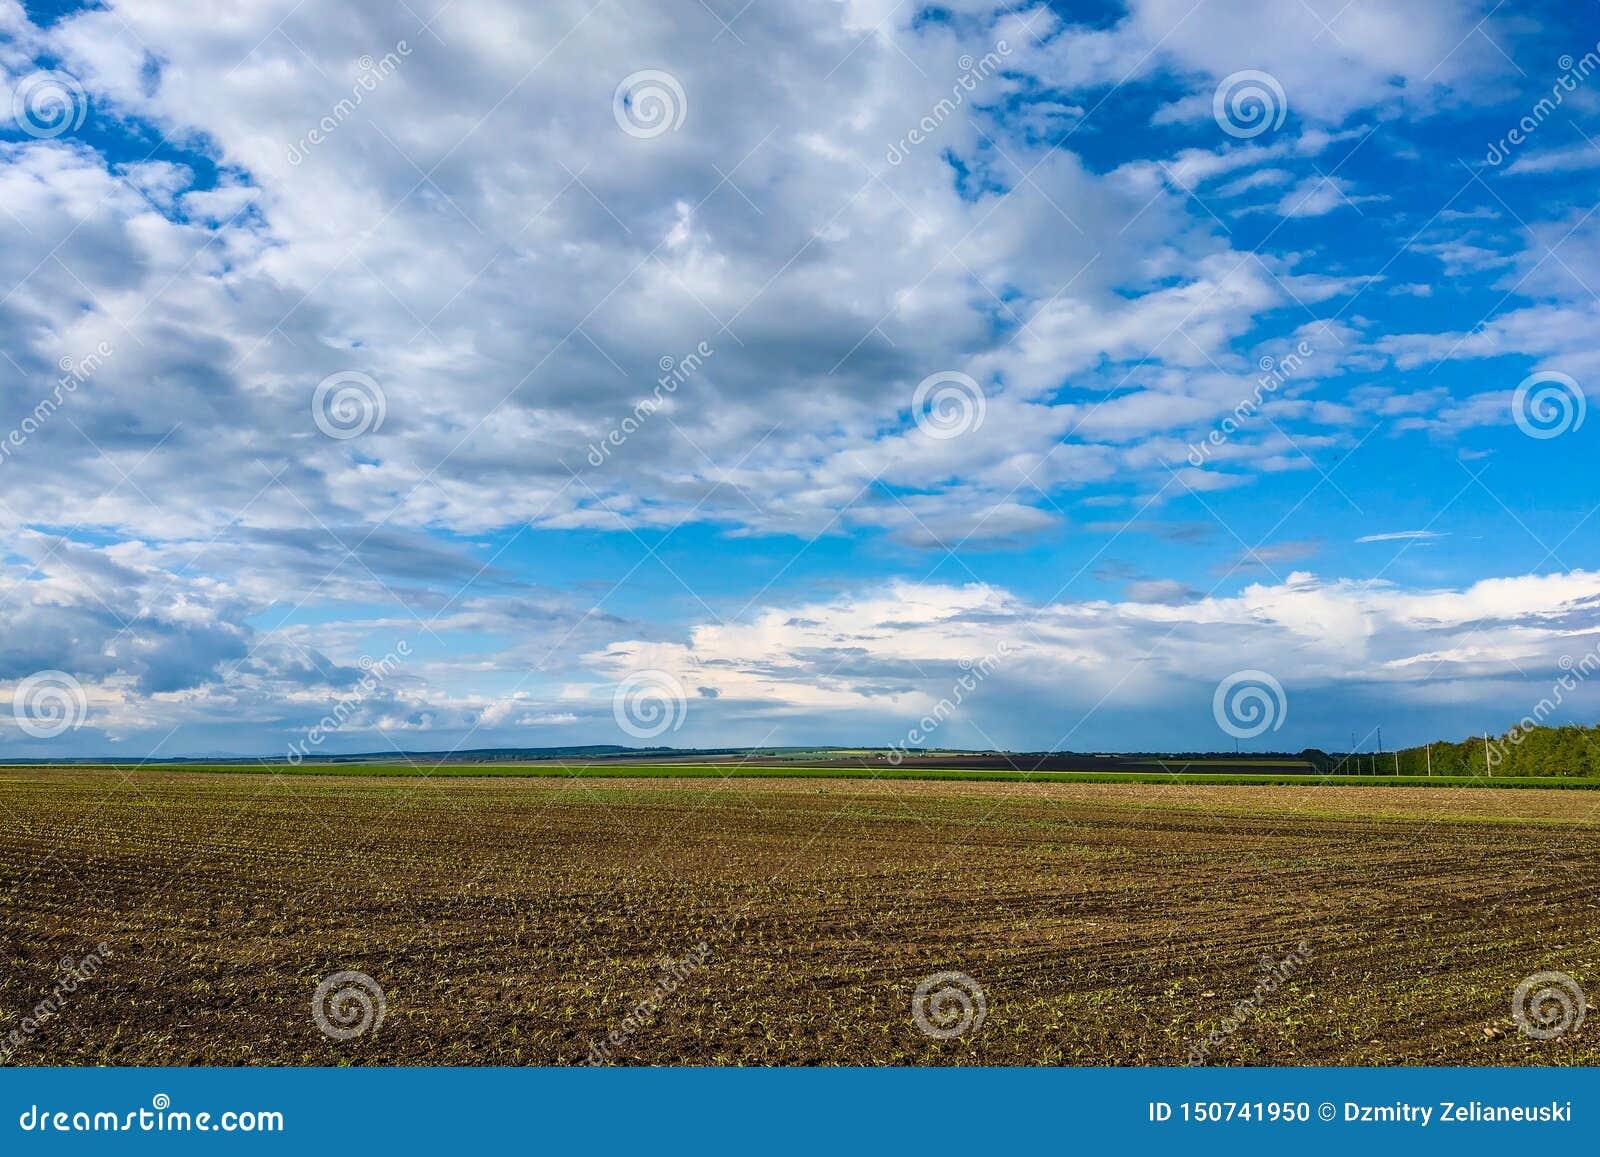 Härligt landskap med det gröna fältet och stora vita moln